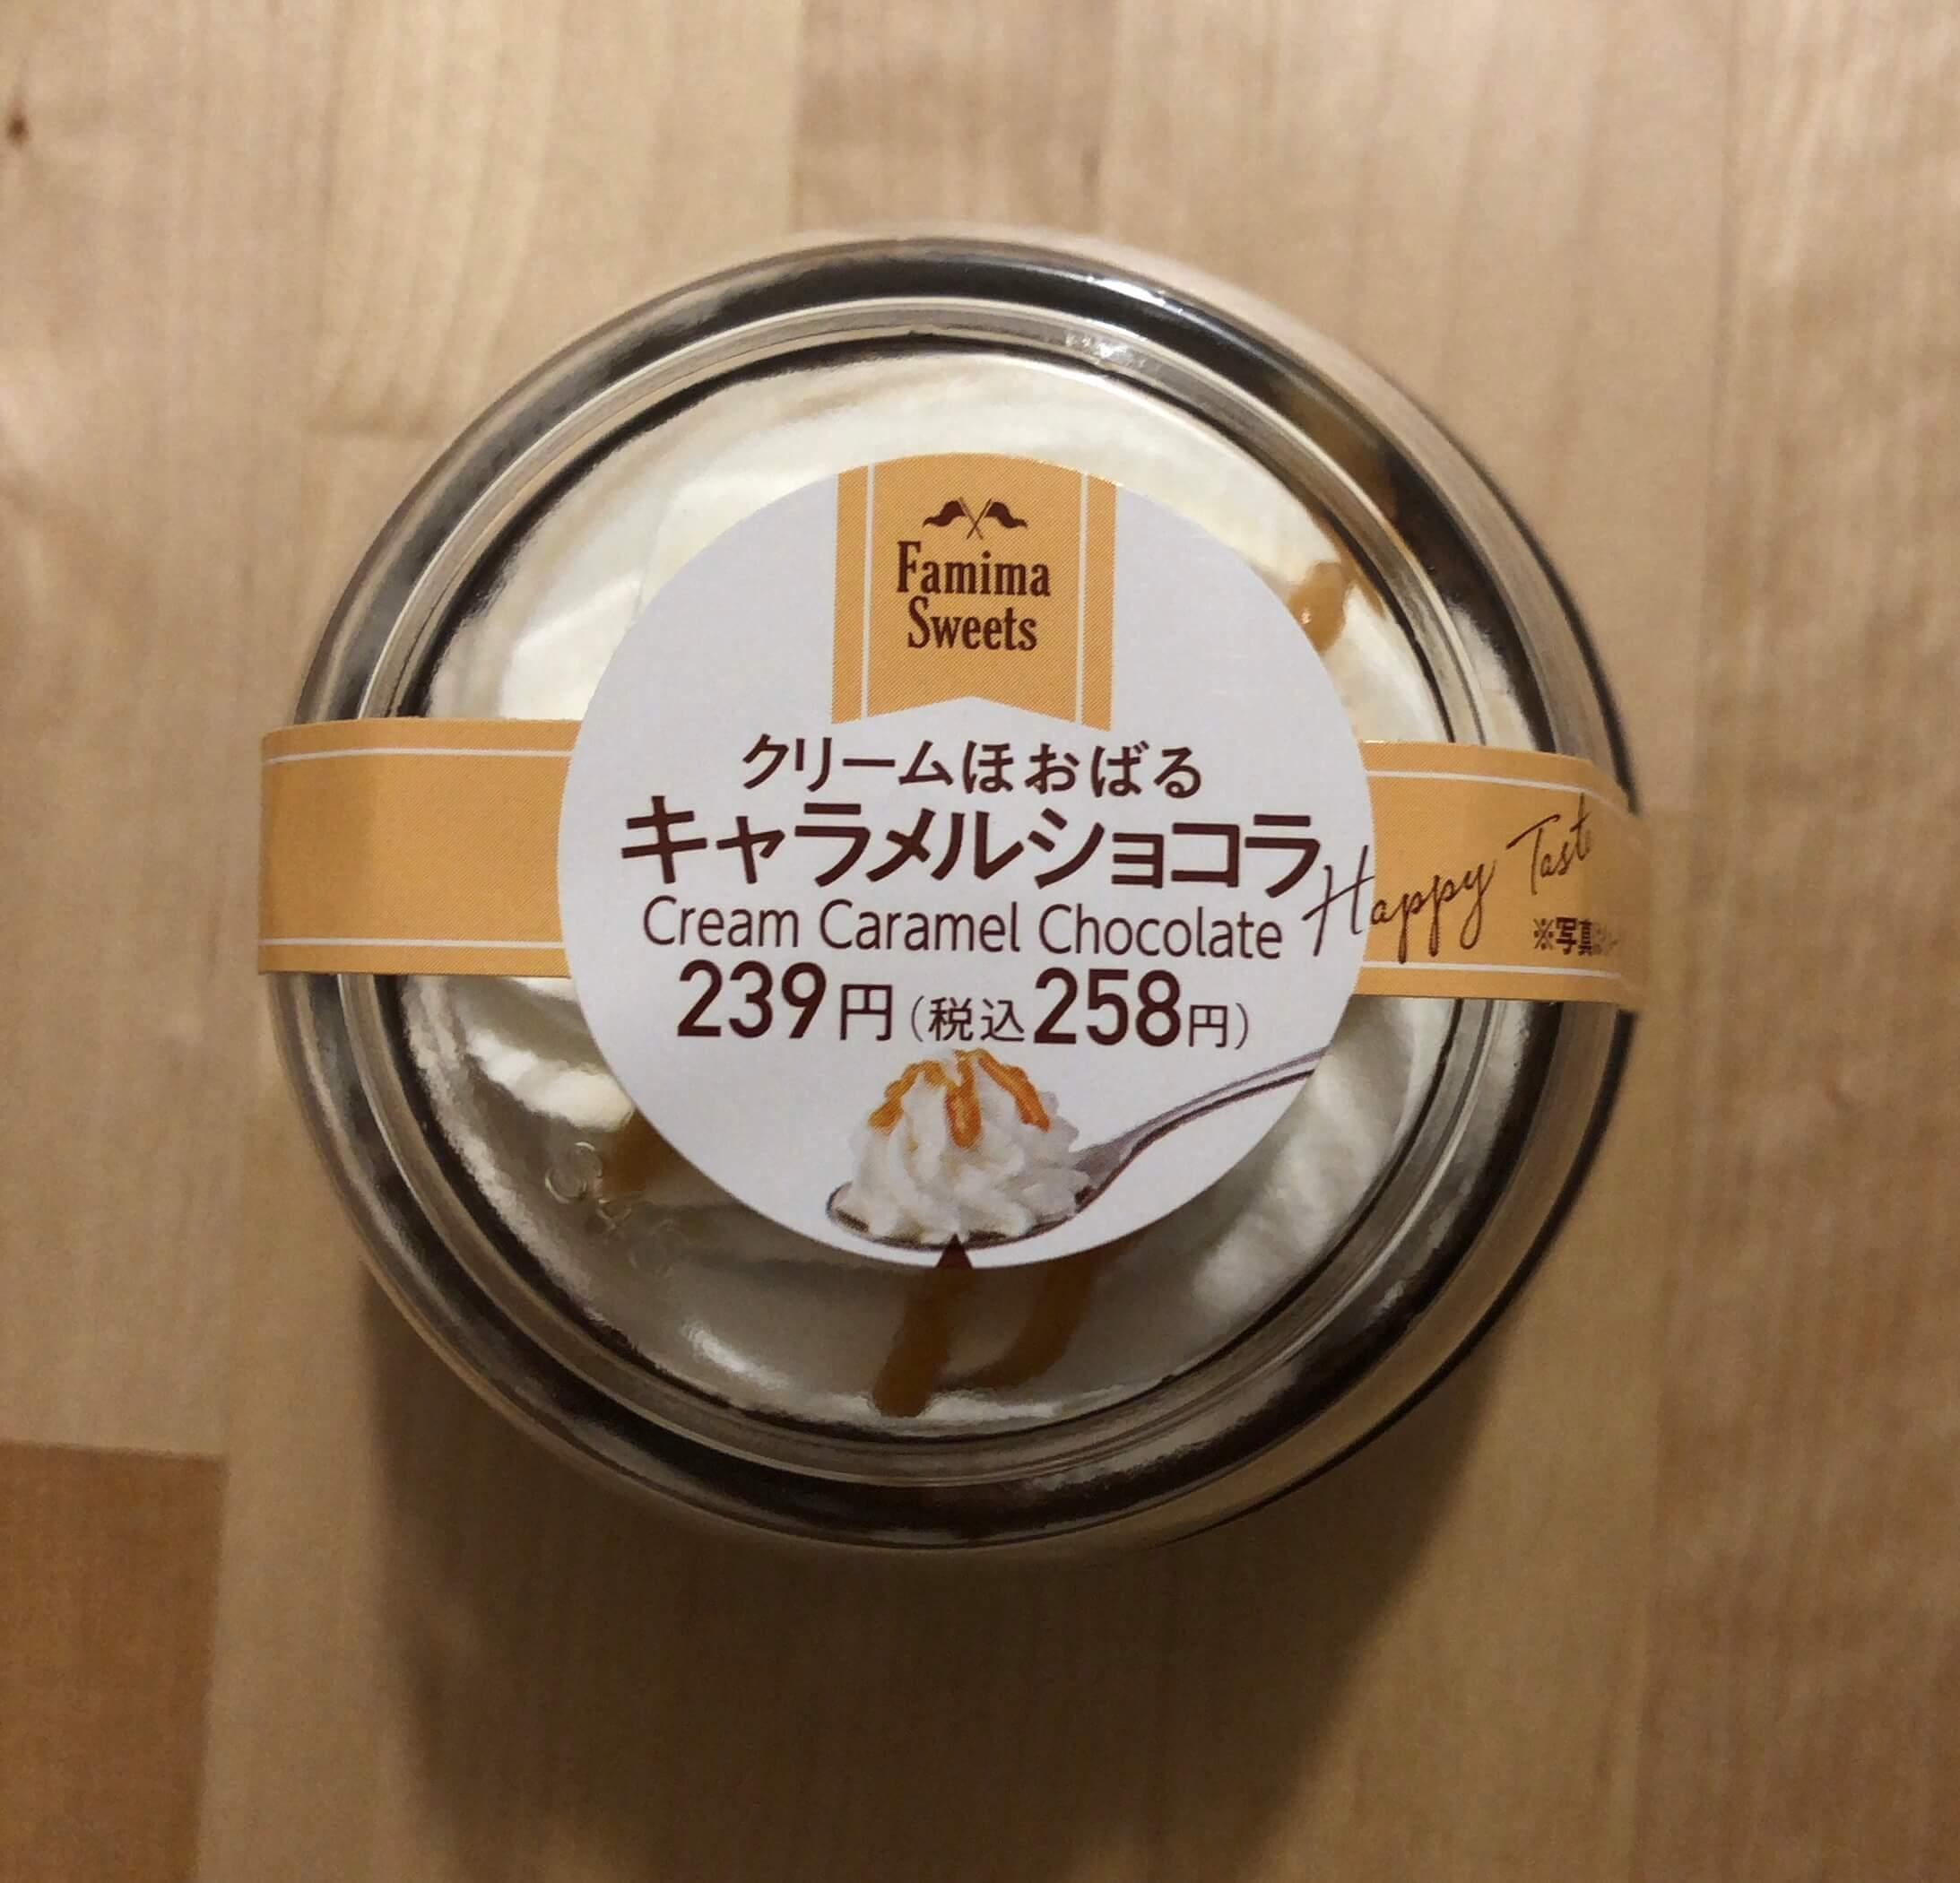 クリームほおばるキャラメルショコラ1